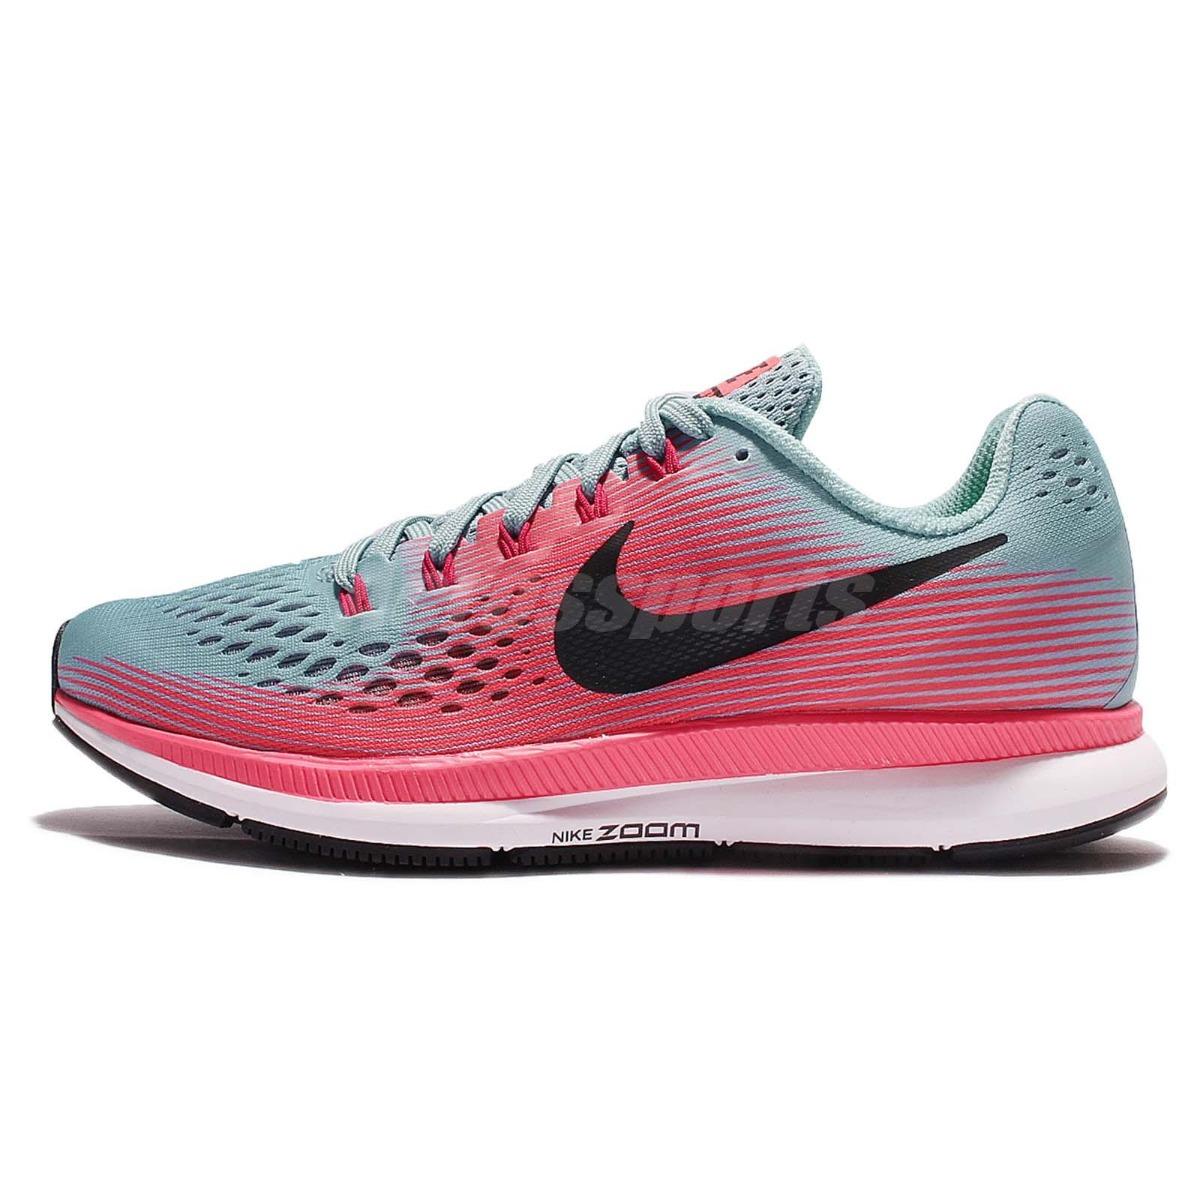 92ab3301acf89 Zapatillas Mujer Nike Air Zoom Pegasus 34 Coral Running -   2.699